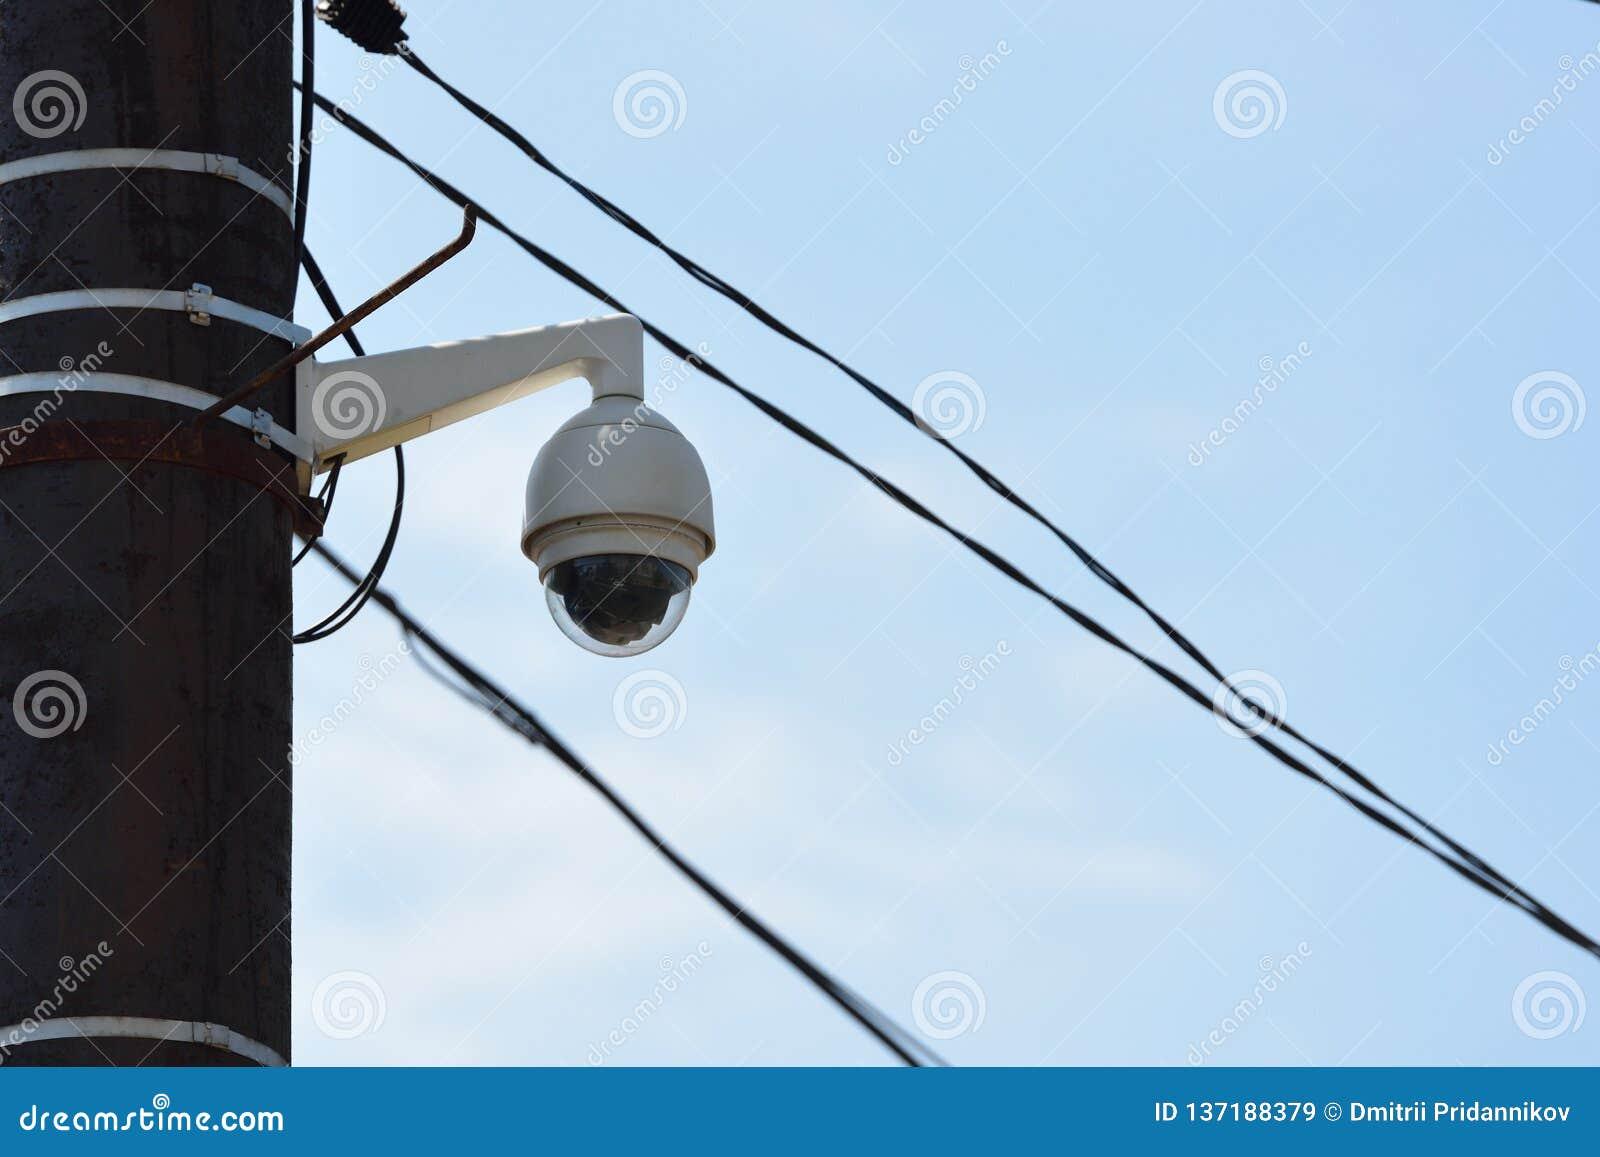 CCTV kamera na filarze w mieście przeciw niebu